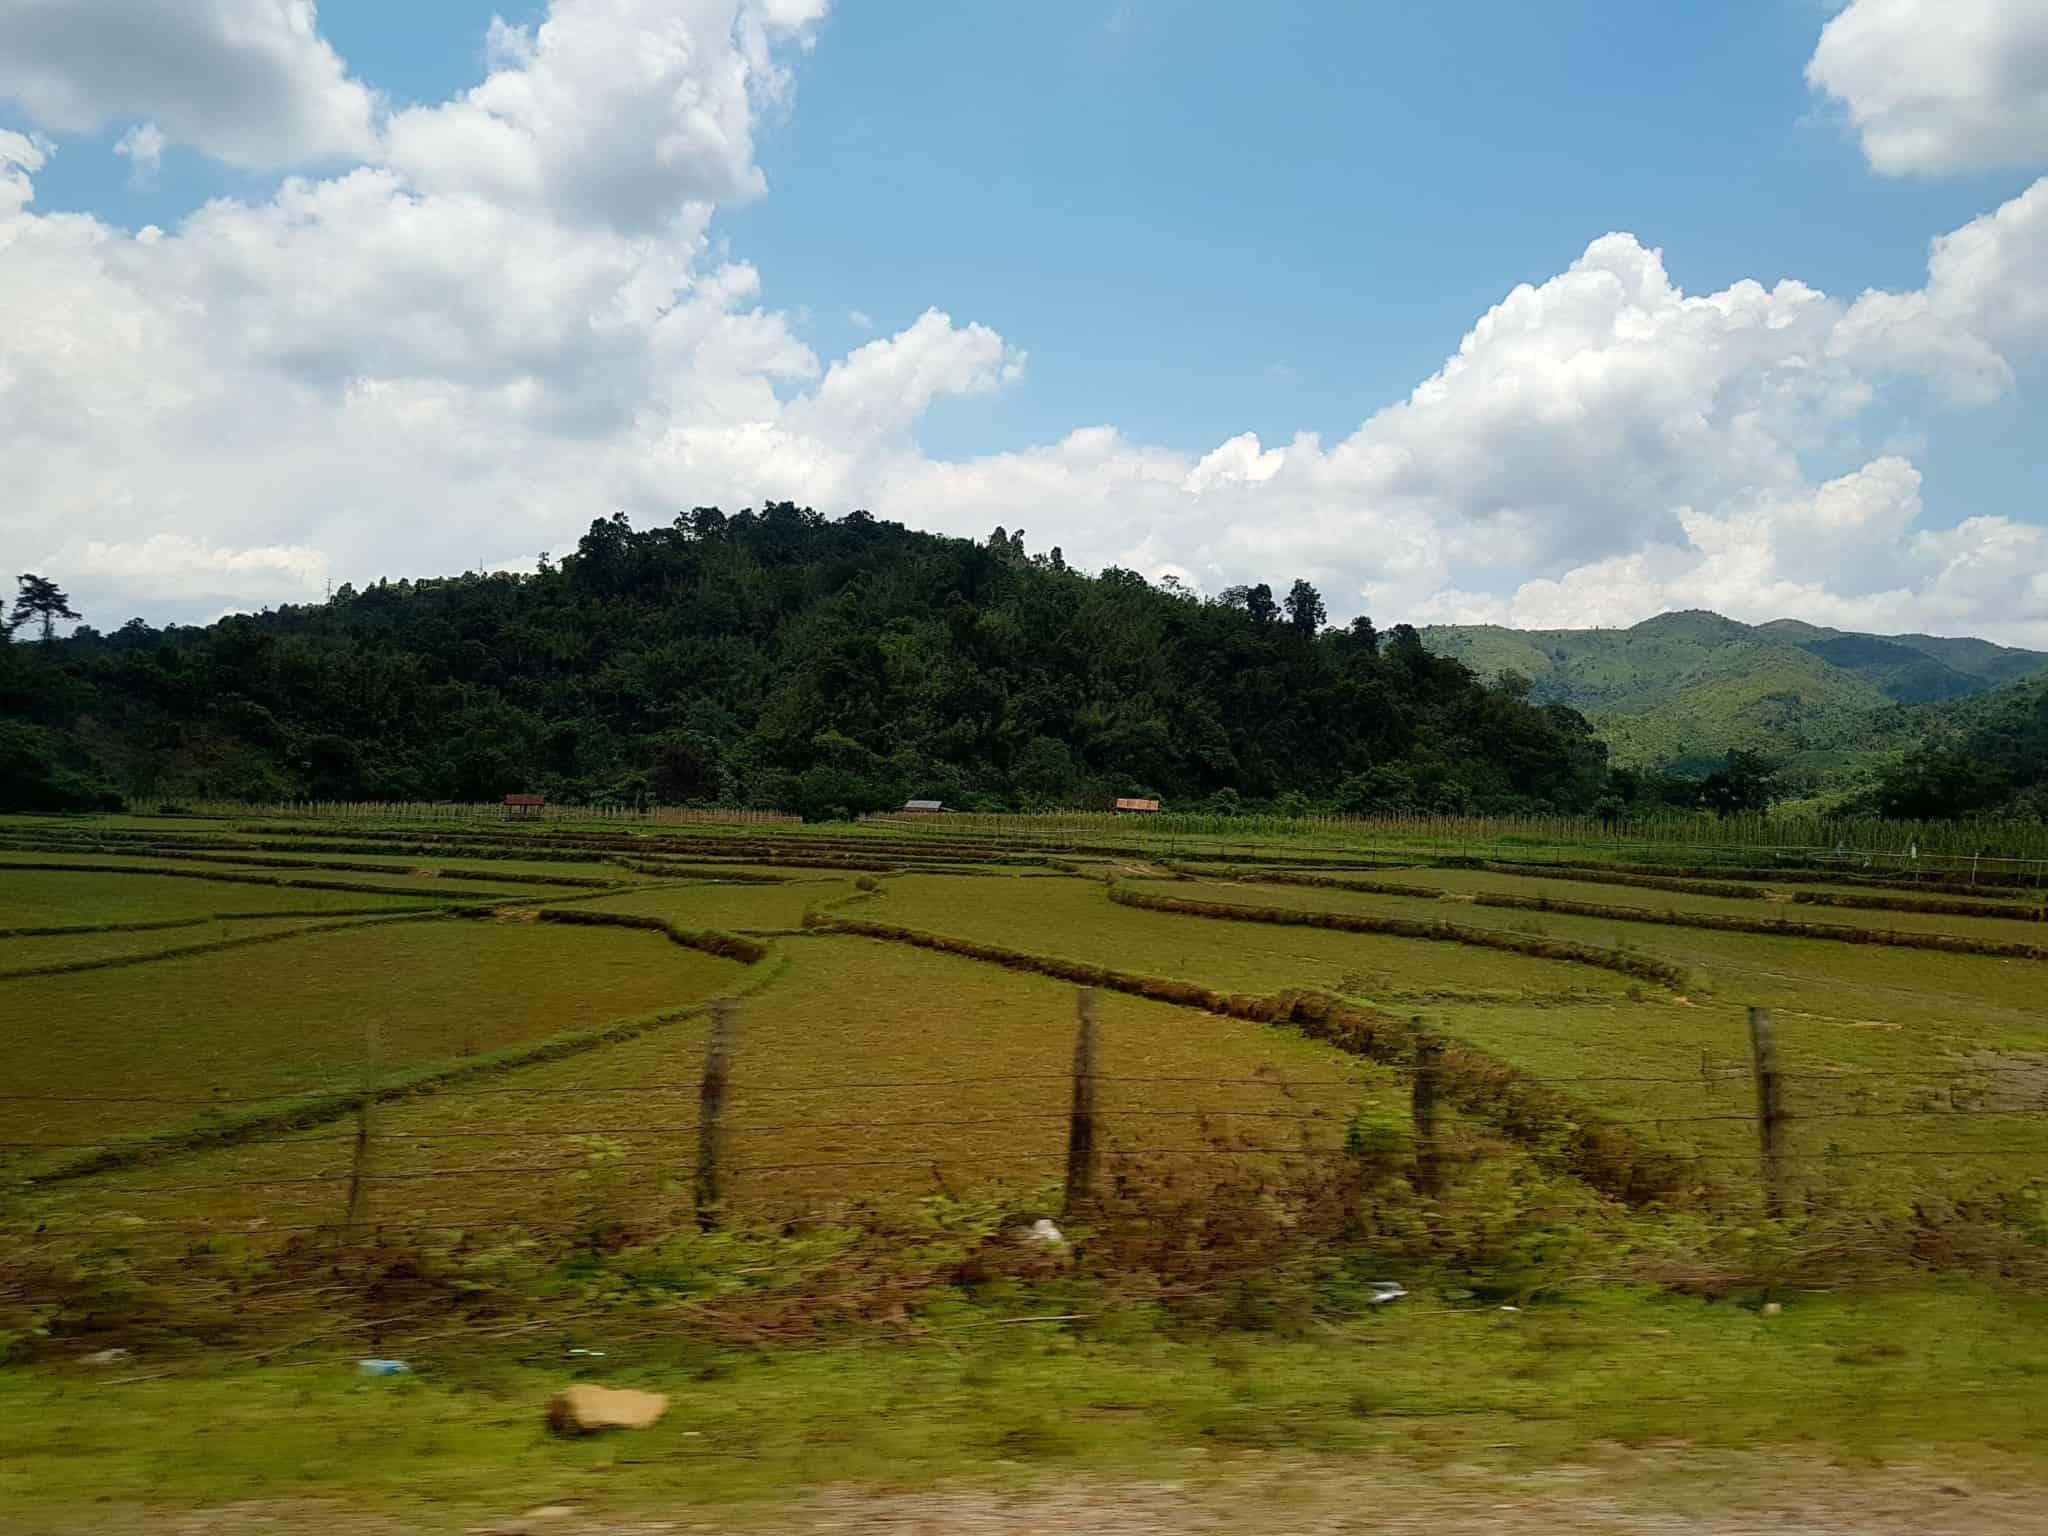 Laos, Vang Vieng un incontournable du Laos ! 🧡 4